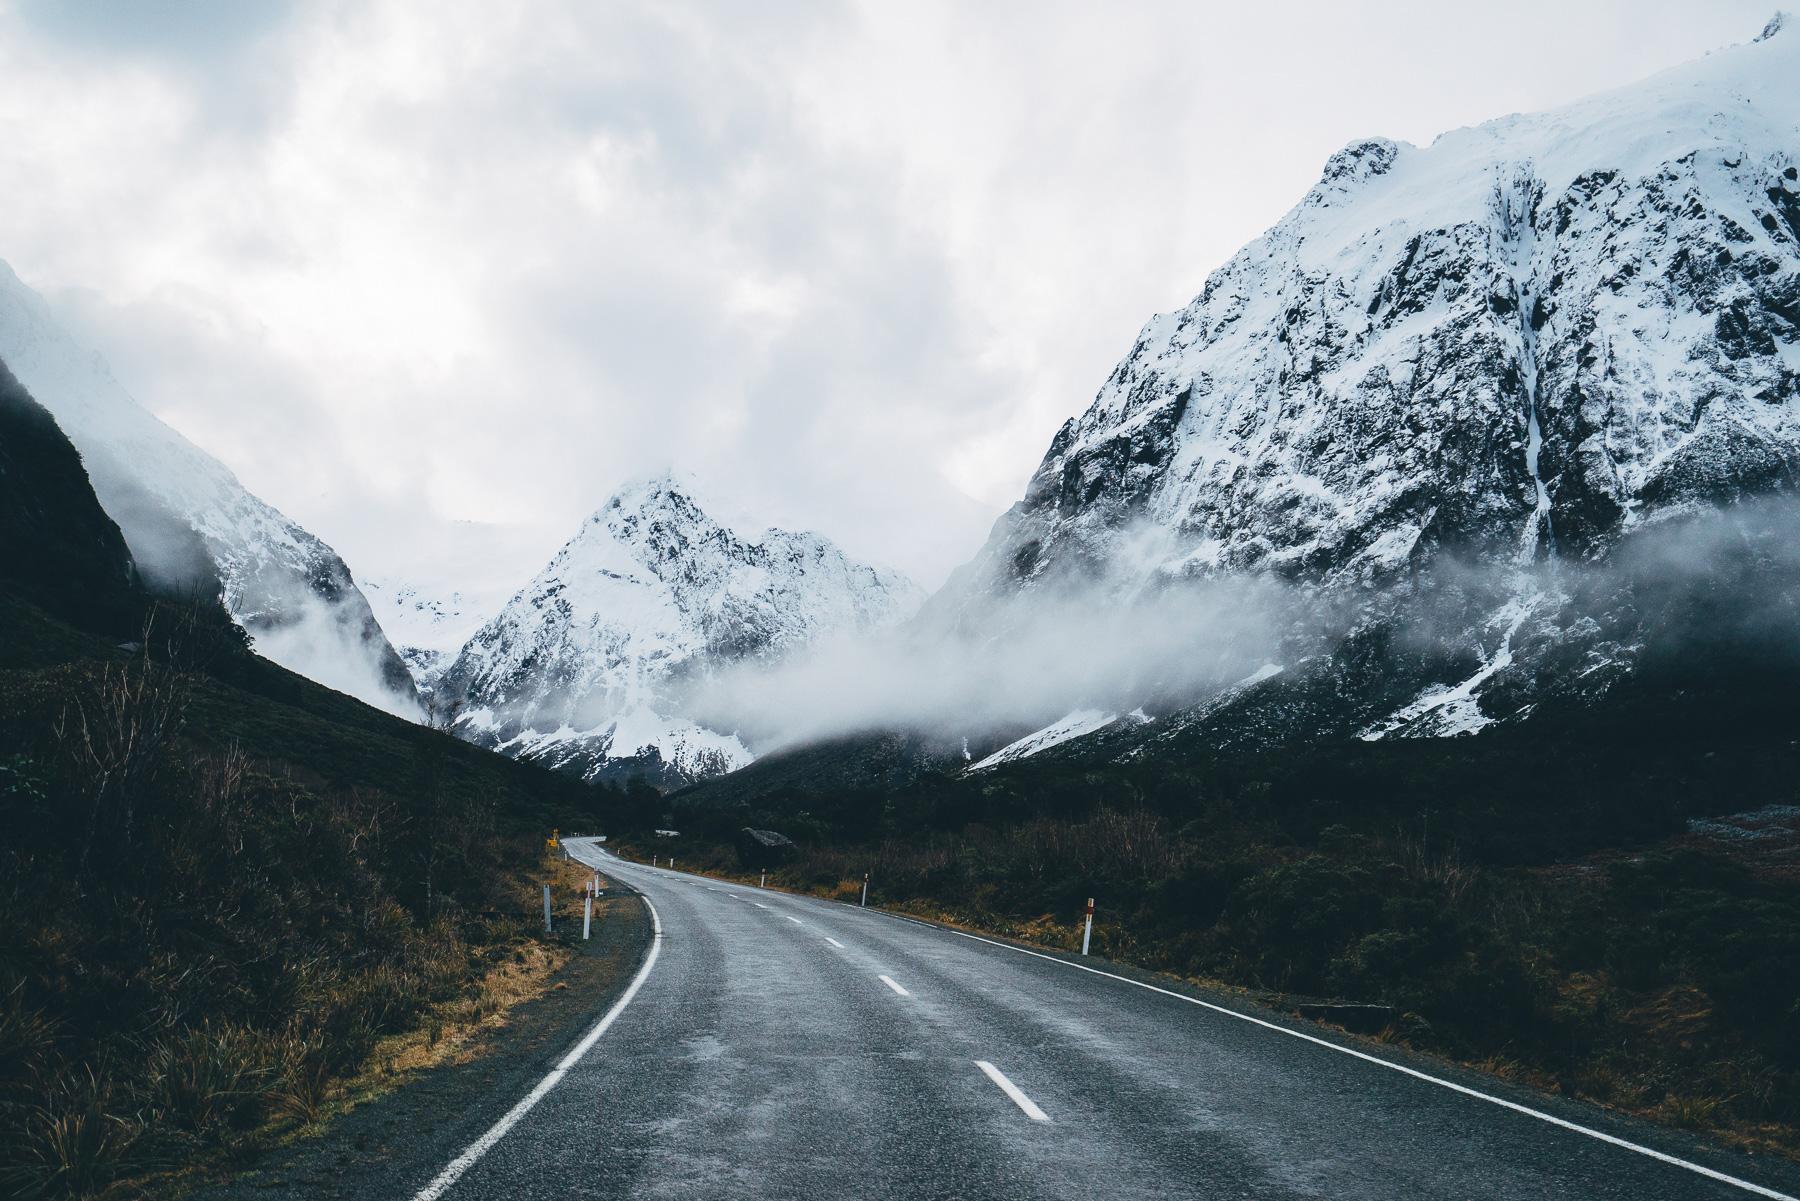 El-fotógrafo-Johan-Lolos-exploró-Nueva-Zelanda-durante-1-año-15